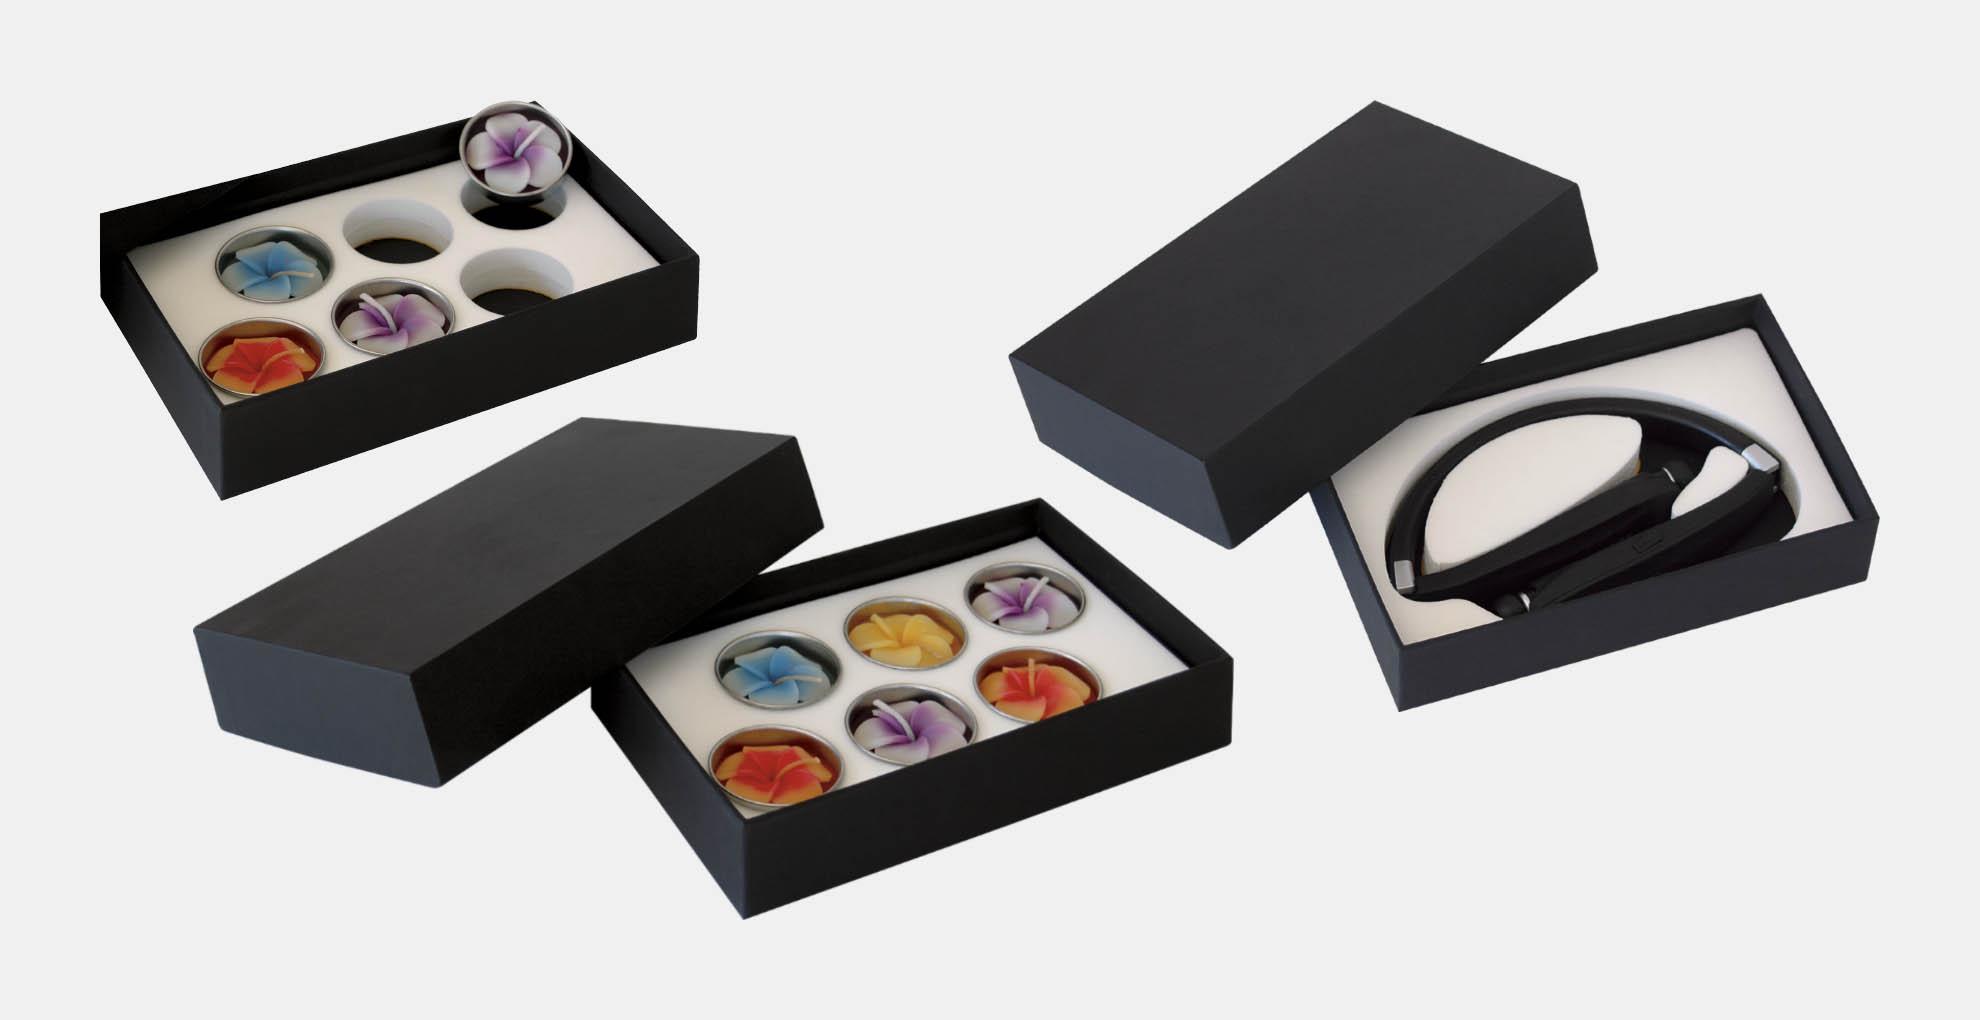 קופסא מארז דוגמאות ממותג בהתאמה אישית מקרטון קשיח דחוס עם מסגרת צורנית להצגת דוגמאות